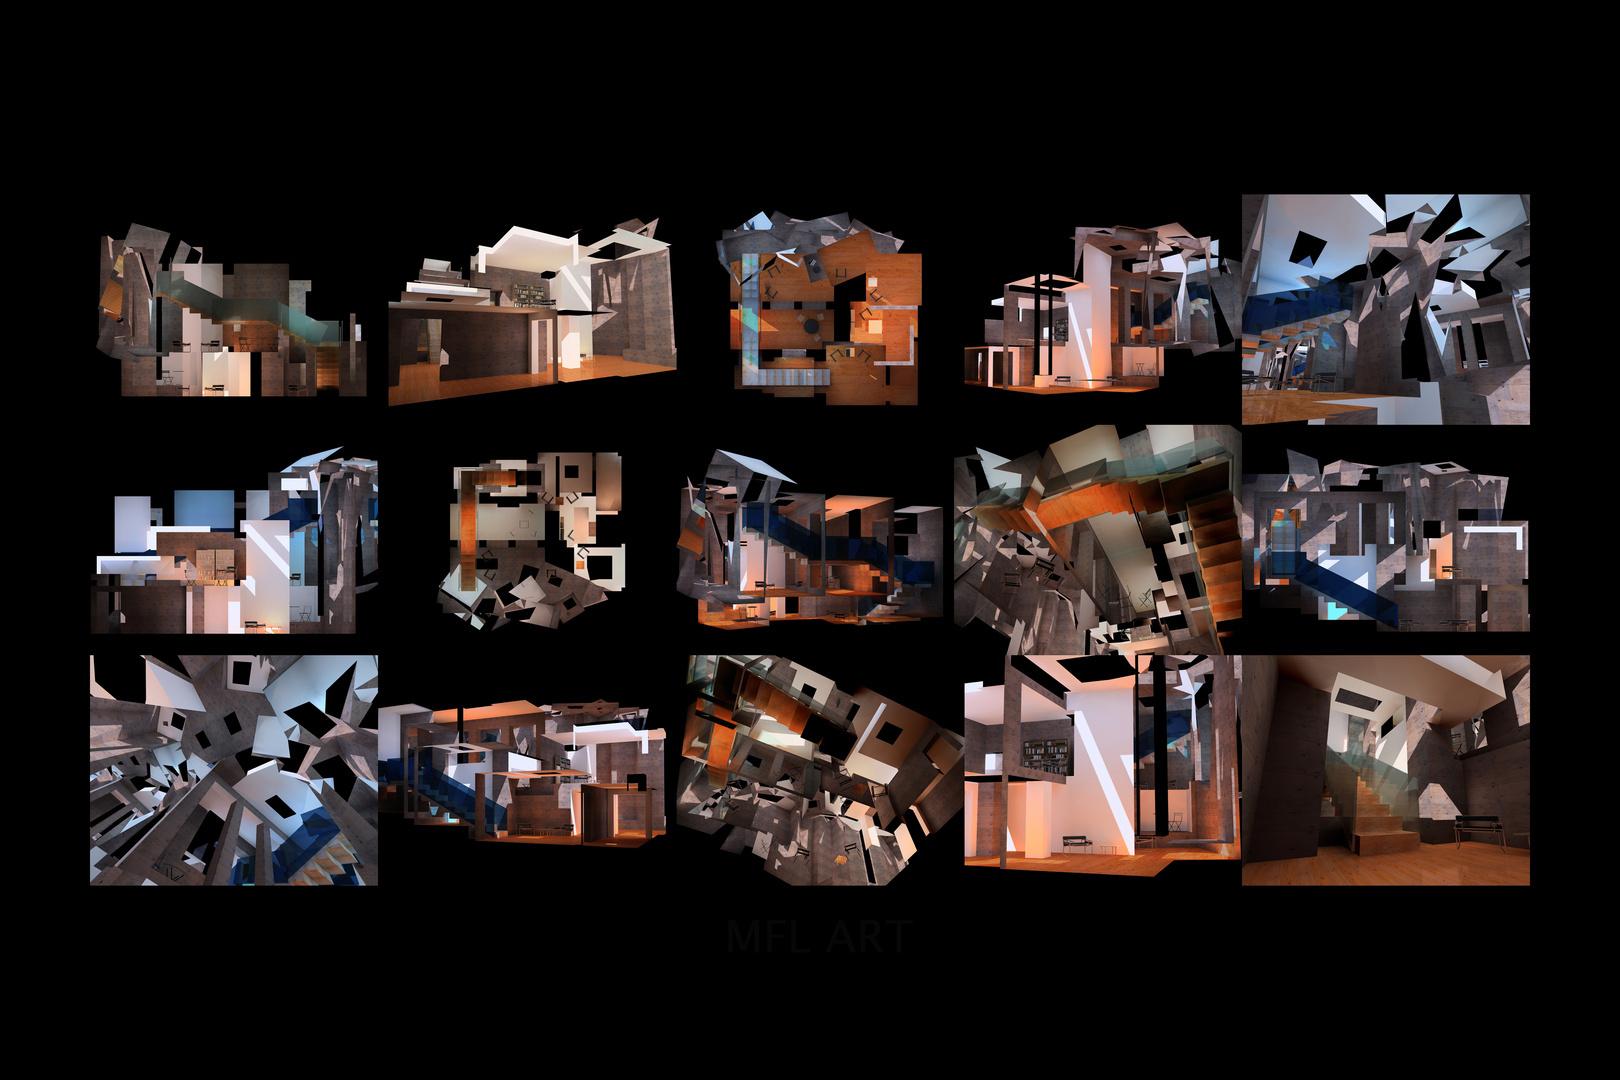 MFLART Experimental Model